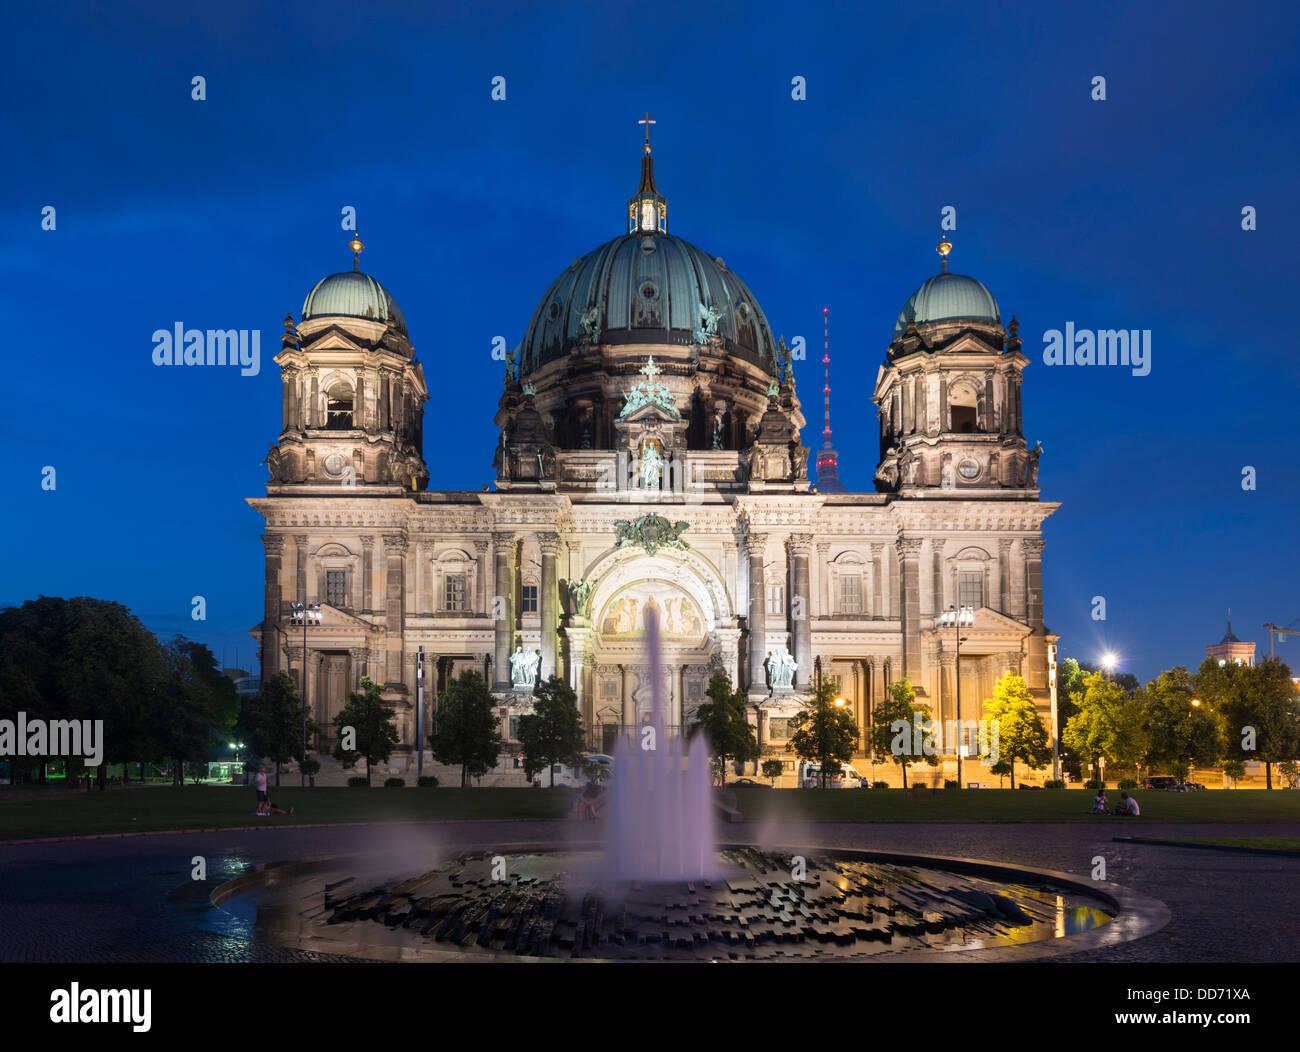 Vista nocturna de la Catedral de Berlín o Dom en la Isla de los museos o Museumsinsel en Berlin Alemania Imagen De Stock